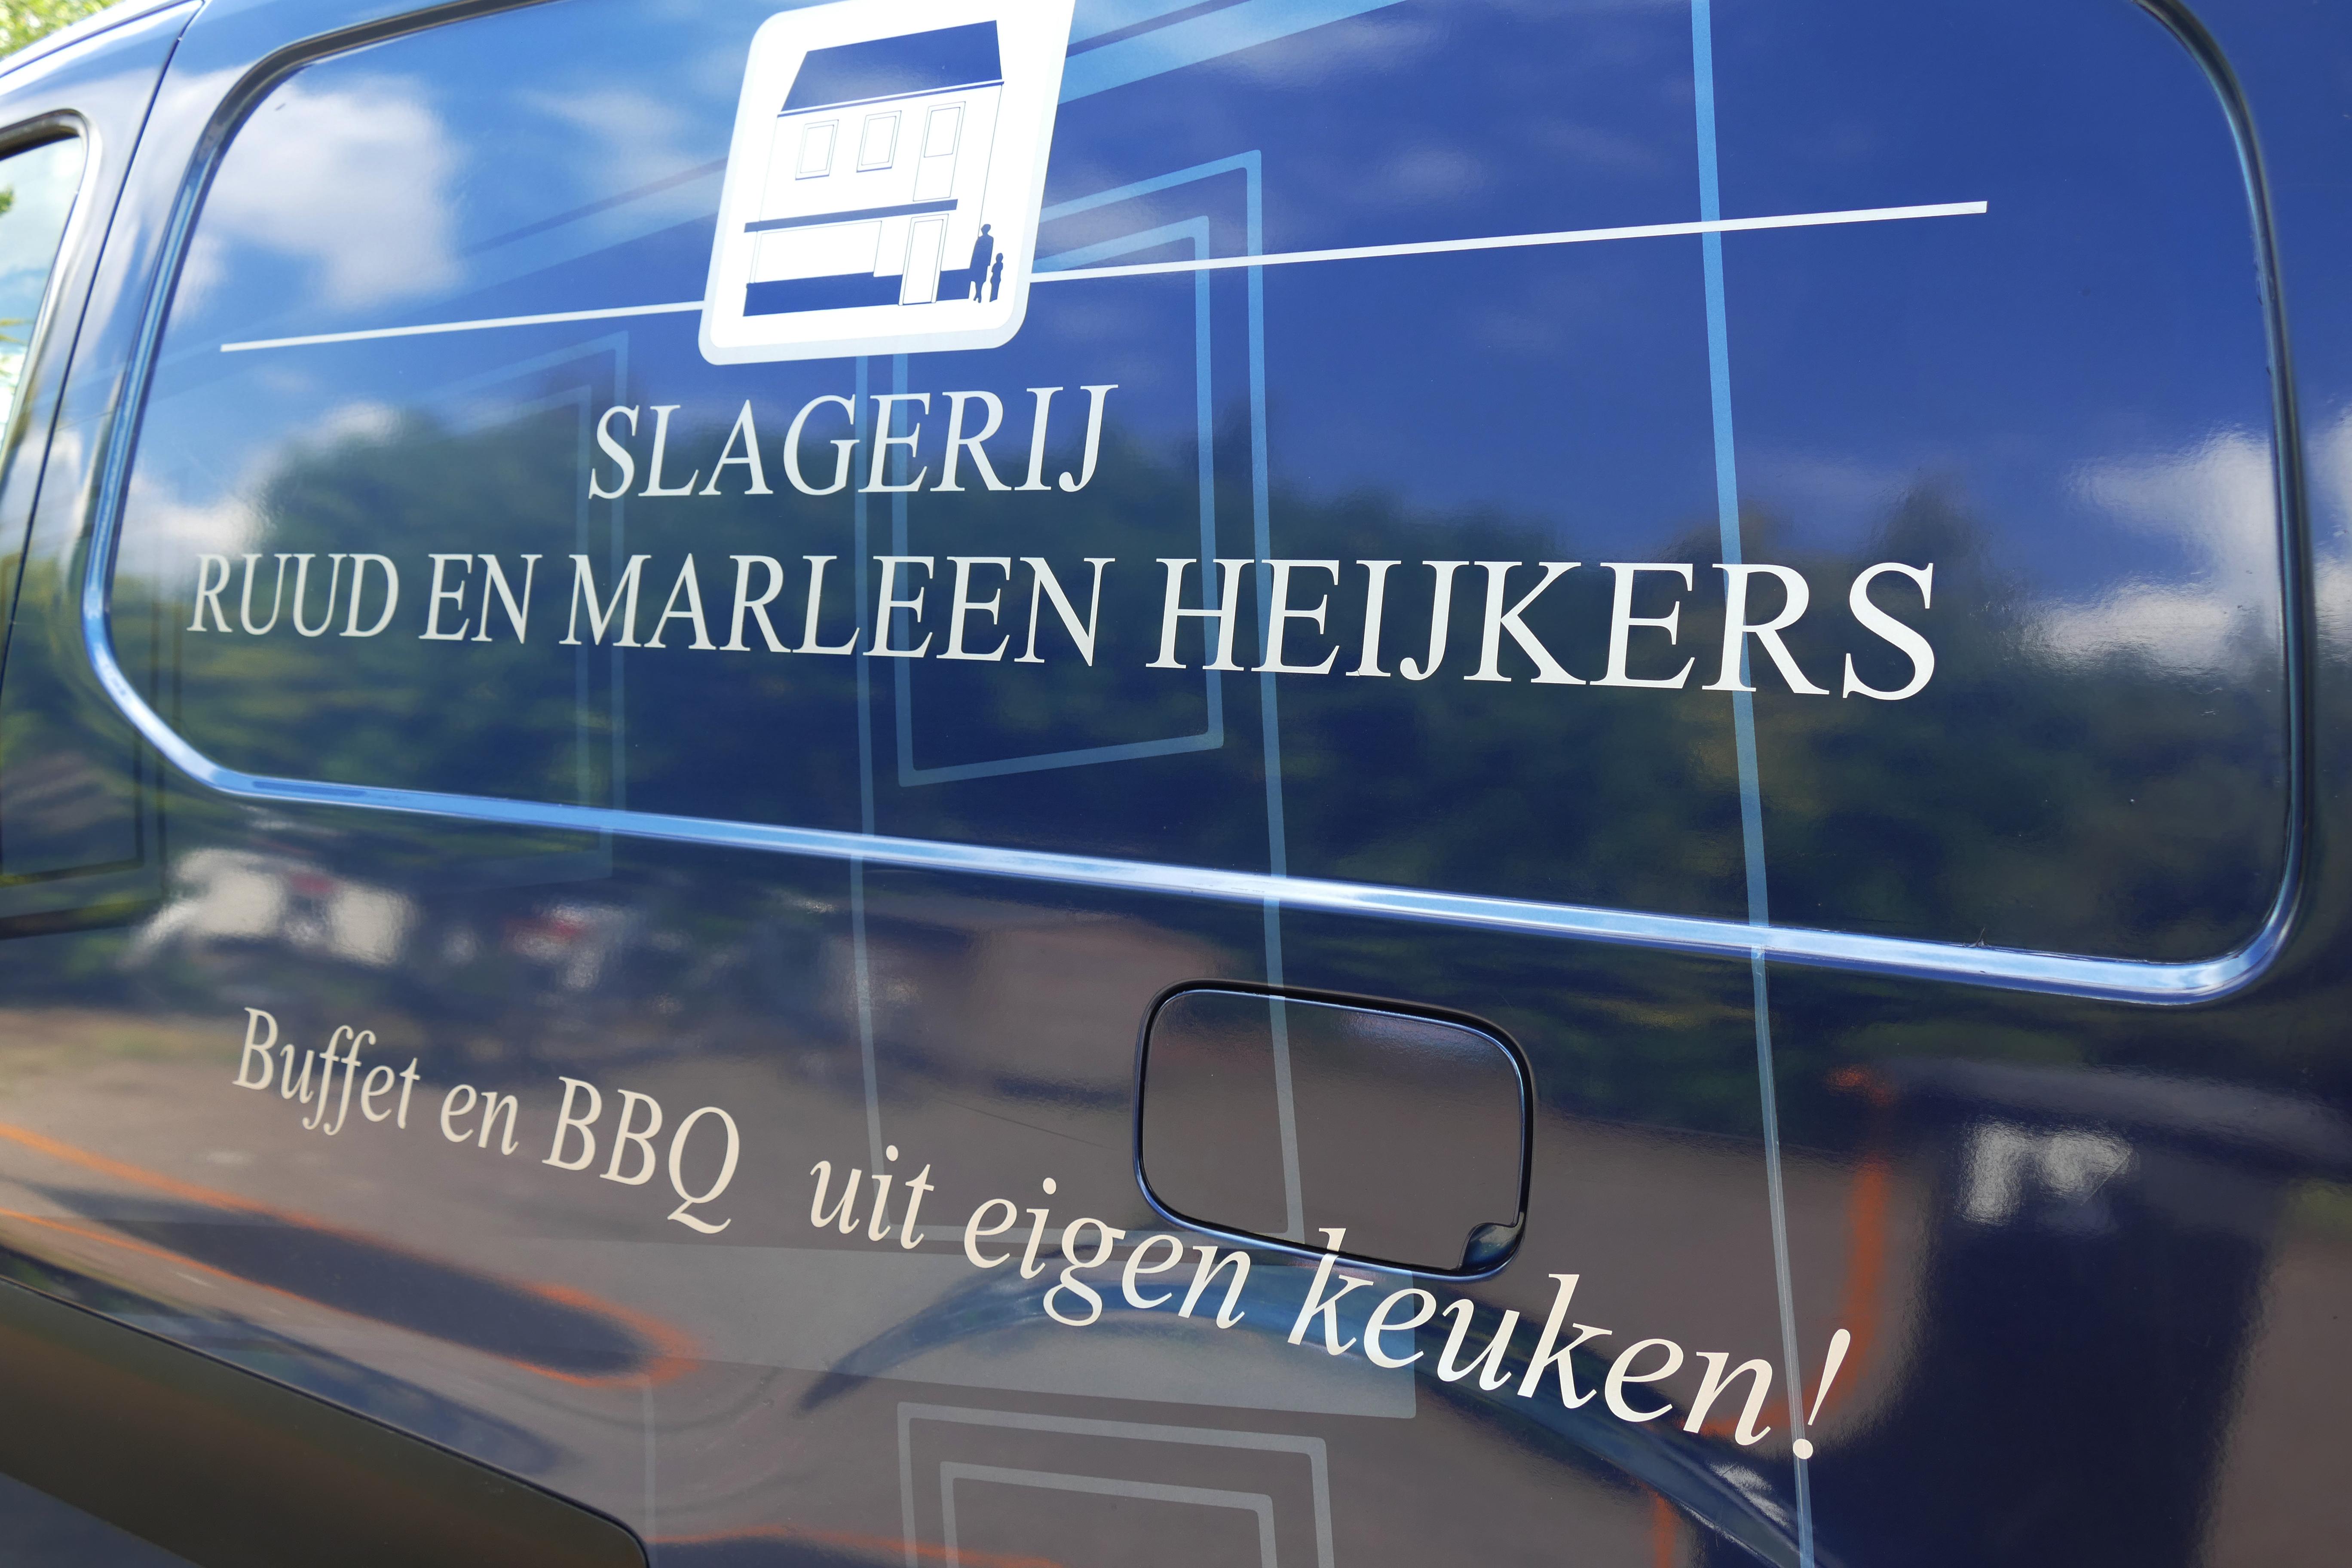 Catering - Slagerij Heykers Ell